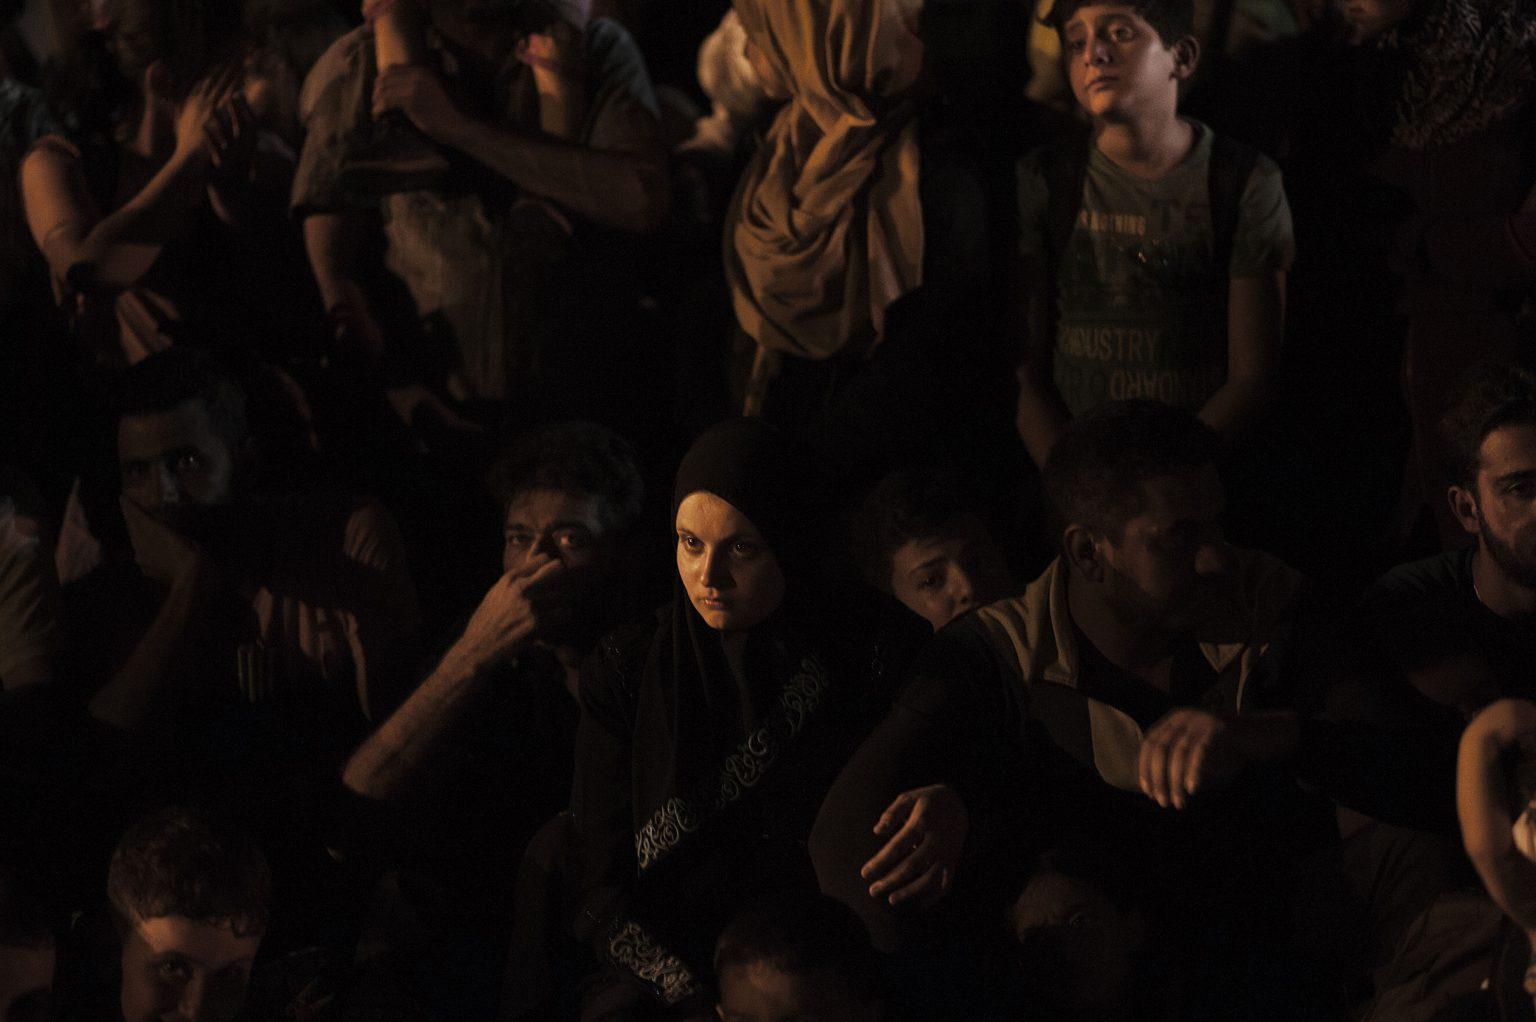 Tovarnik, Croatia, September 18th 2015 - Migrants rushing to board a train. Refugees have begun carving a new route into the Schengen area, travelling via Croatia, after neighbouring Hungary, overwhelmed by the refugee traffic, has fenced off its own border with Serbia.       ><    Tovarnik, Croazia, 18 settembre 2015 - Immigrati si precipitano a salire su un treno arrampicandosi e passando dai finestrini per evitare la barriera di poliziotti.  I profughi hanno cominciato a battere una nuova rotta all'interno dell'area Schengen viaggiando attraverso la Croazia, dopo che la vicina Ungheria, schiacciata dall'afflusso di migliaia di persone, ha chiuso la frontiera con la Serbia. *** Local Caption *** 00558113